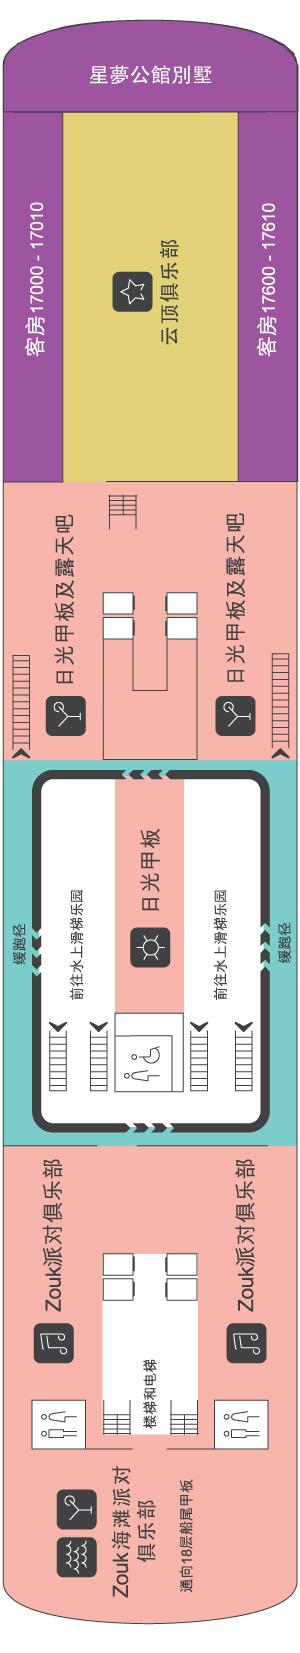 户型 户型图 平面图 设计 素材 300_1653 竖版 竖屏